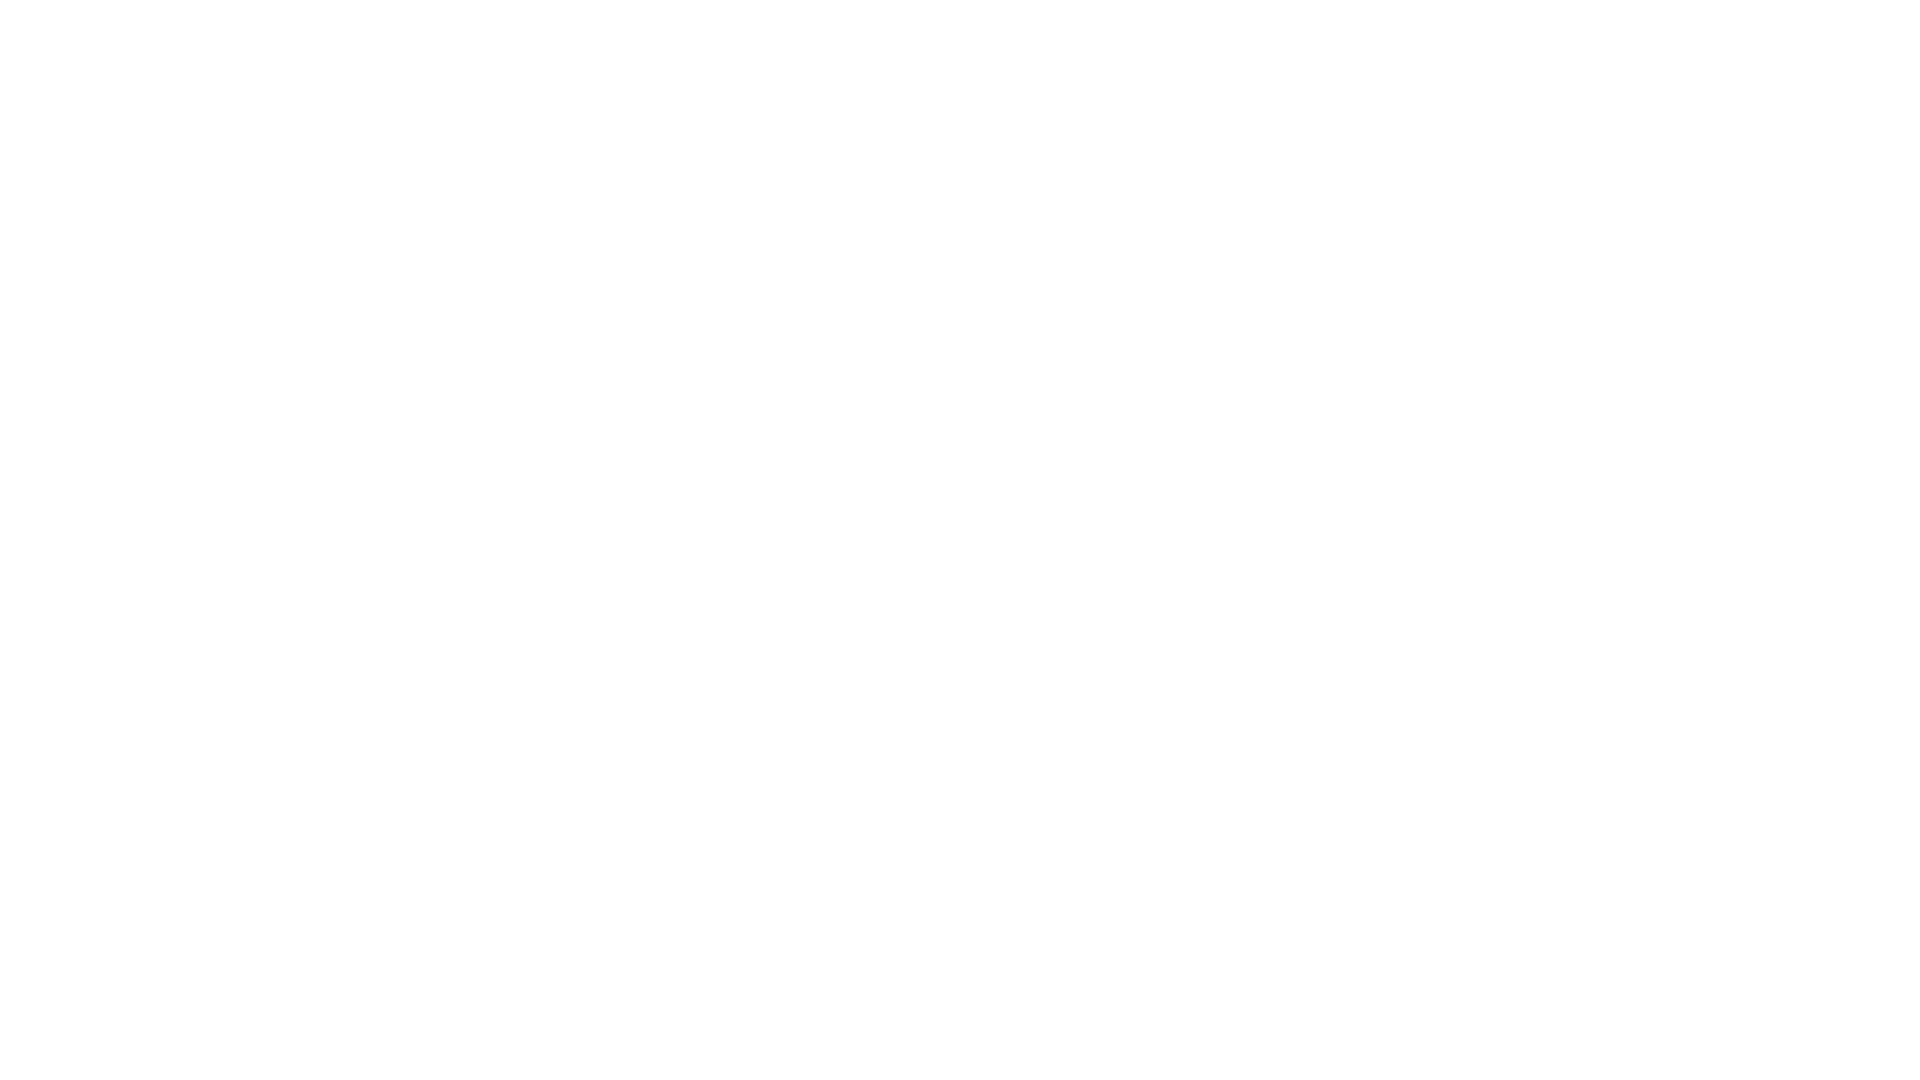 করোনাভাইরাস সময়ে জরুরী সহযোগিতা